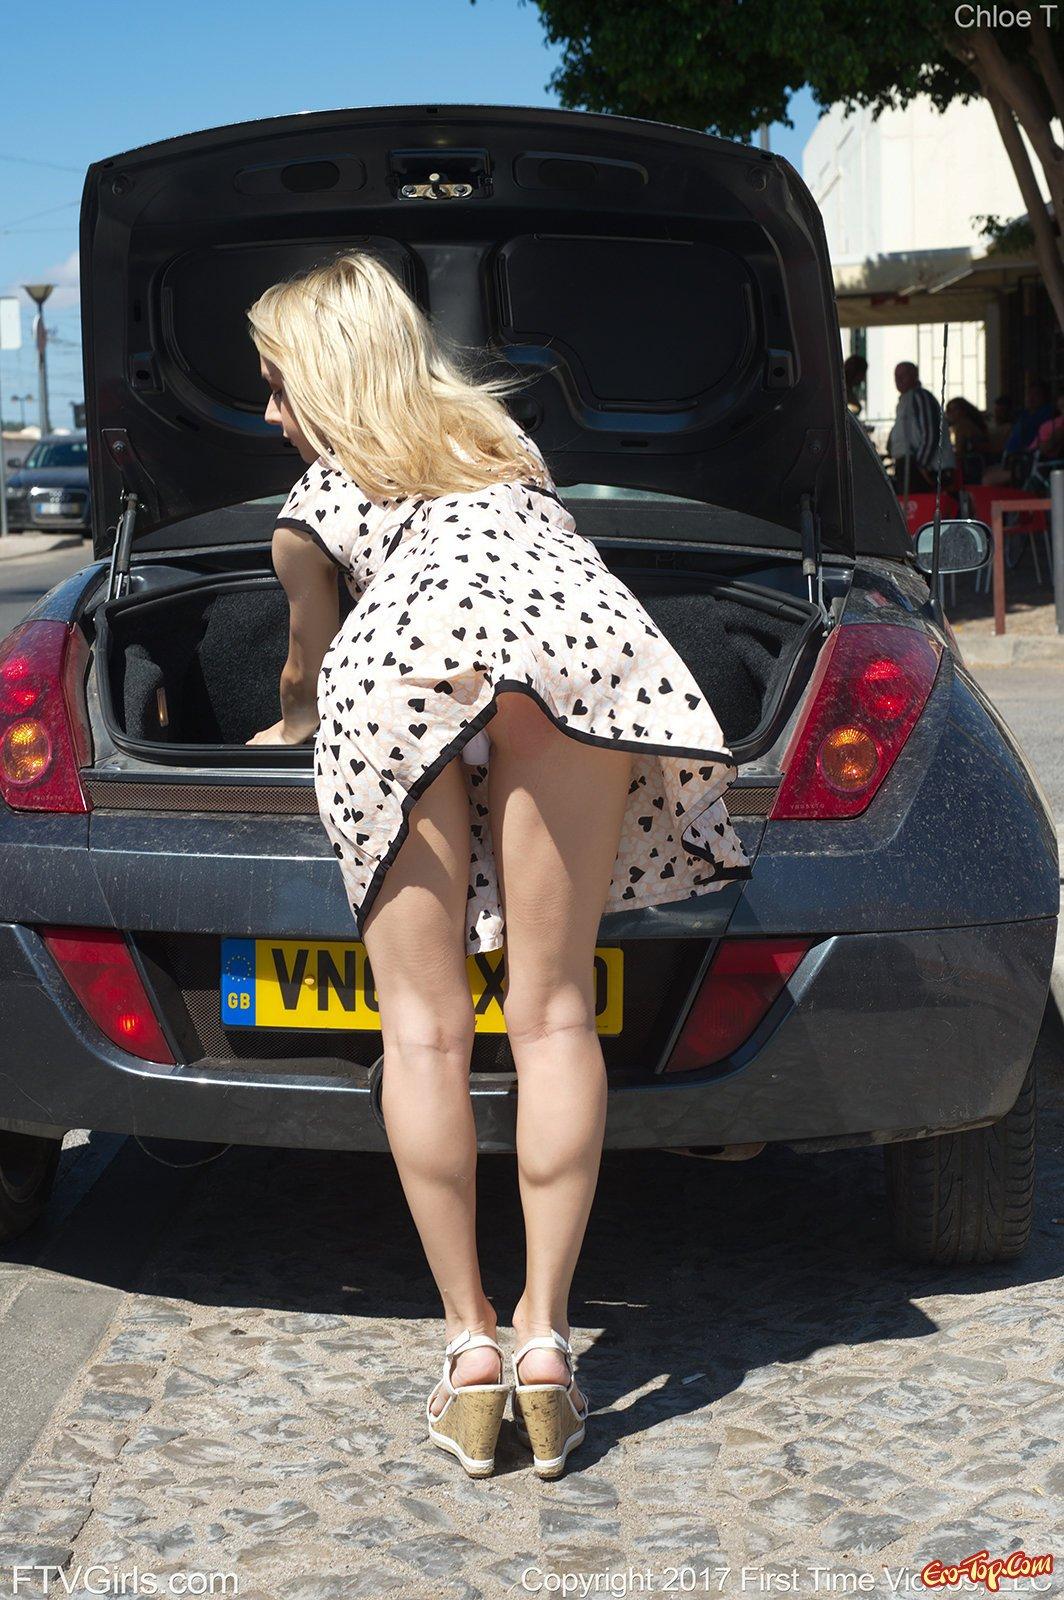 Светлая порноактриса в стрингах и коротком платье в общественном месте